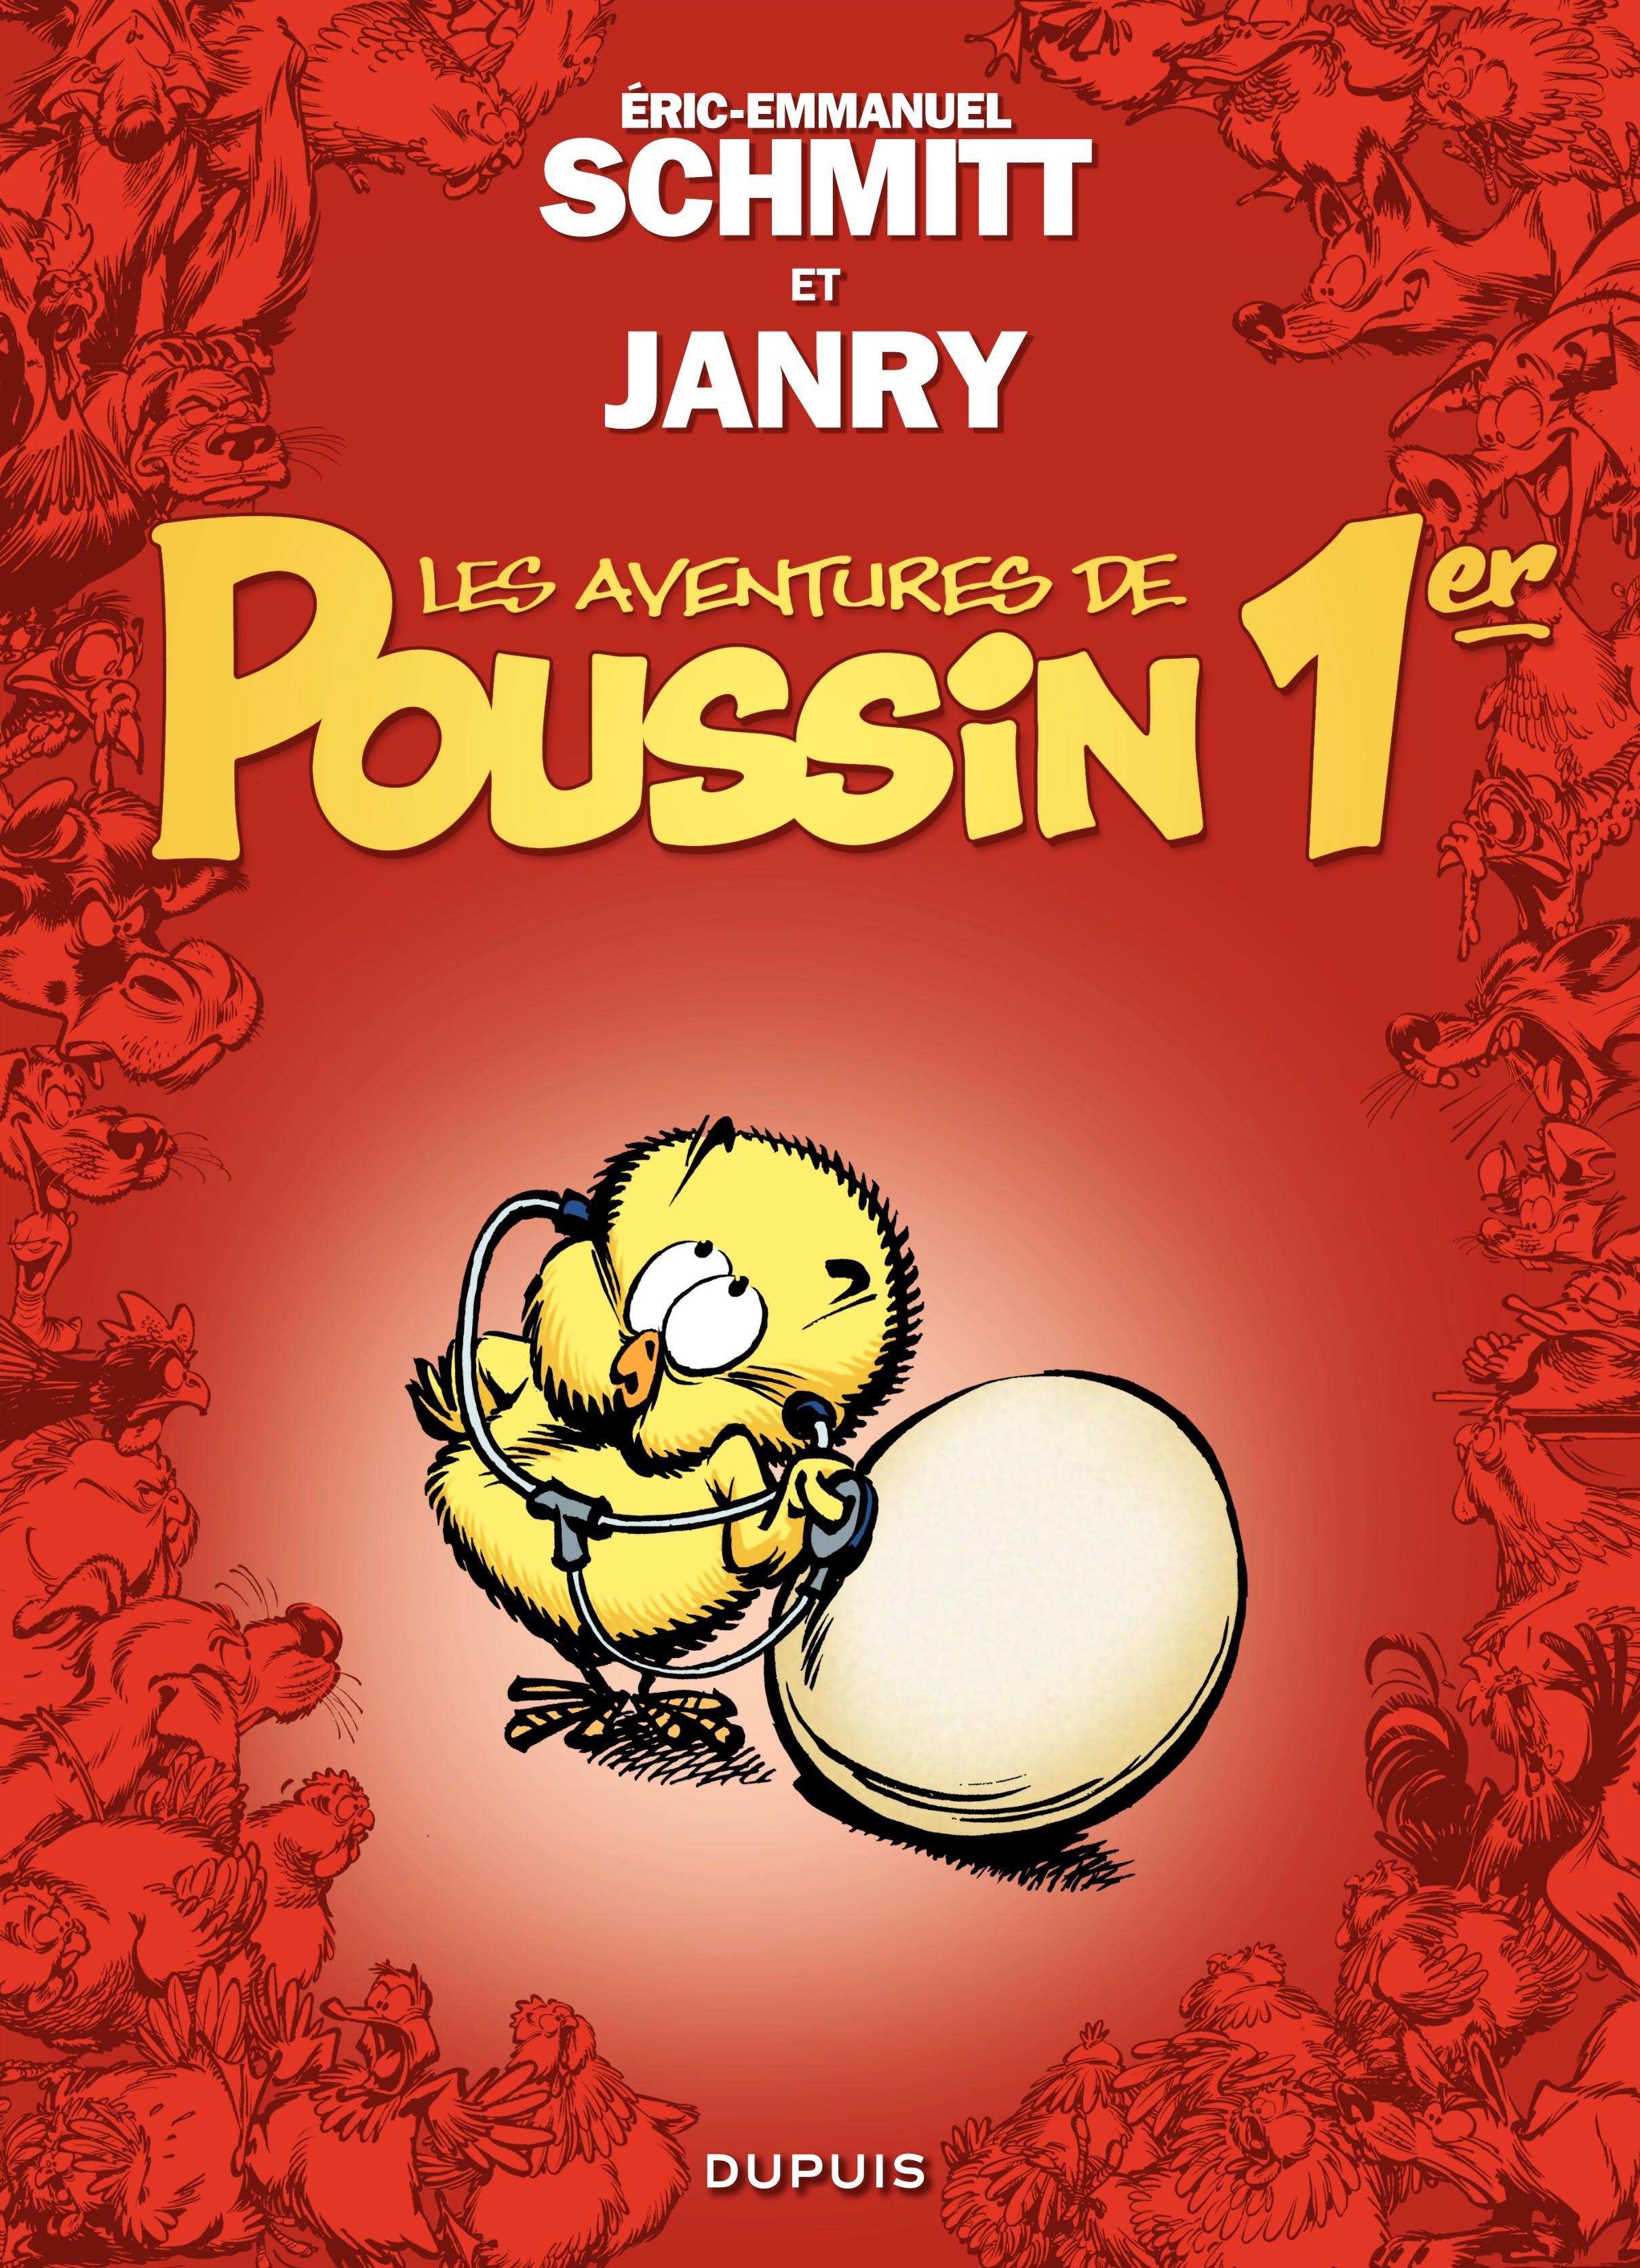 Les aventures de Poussin 1er – Tome 1 – Cui suis-je ? | Janry,